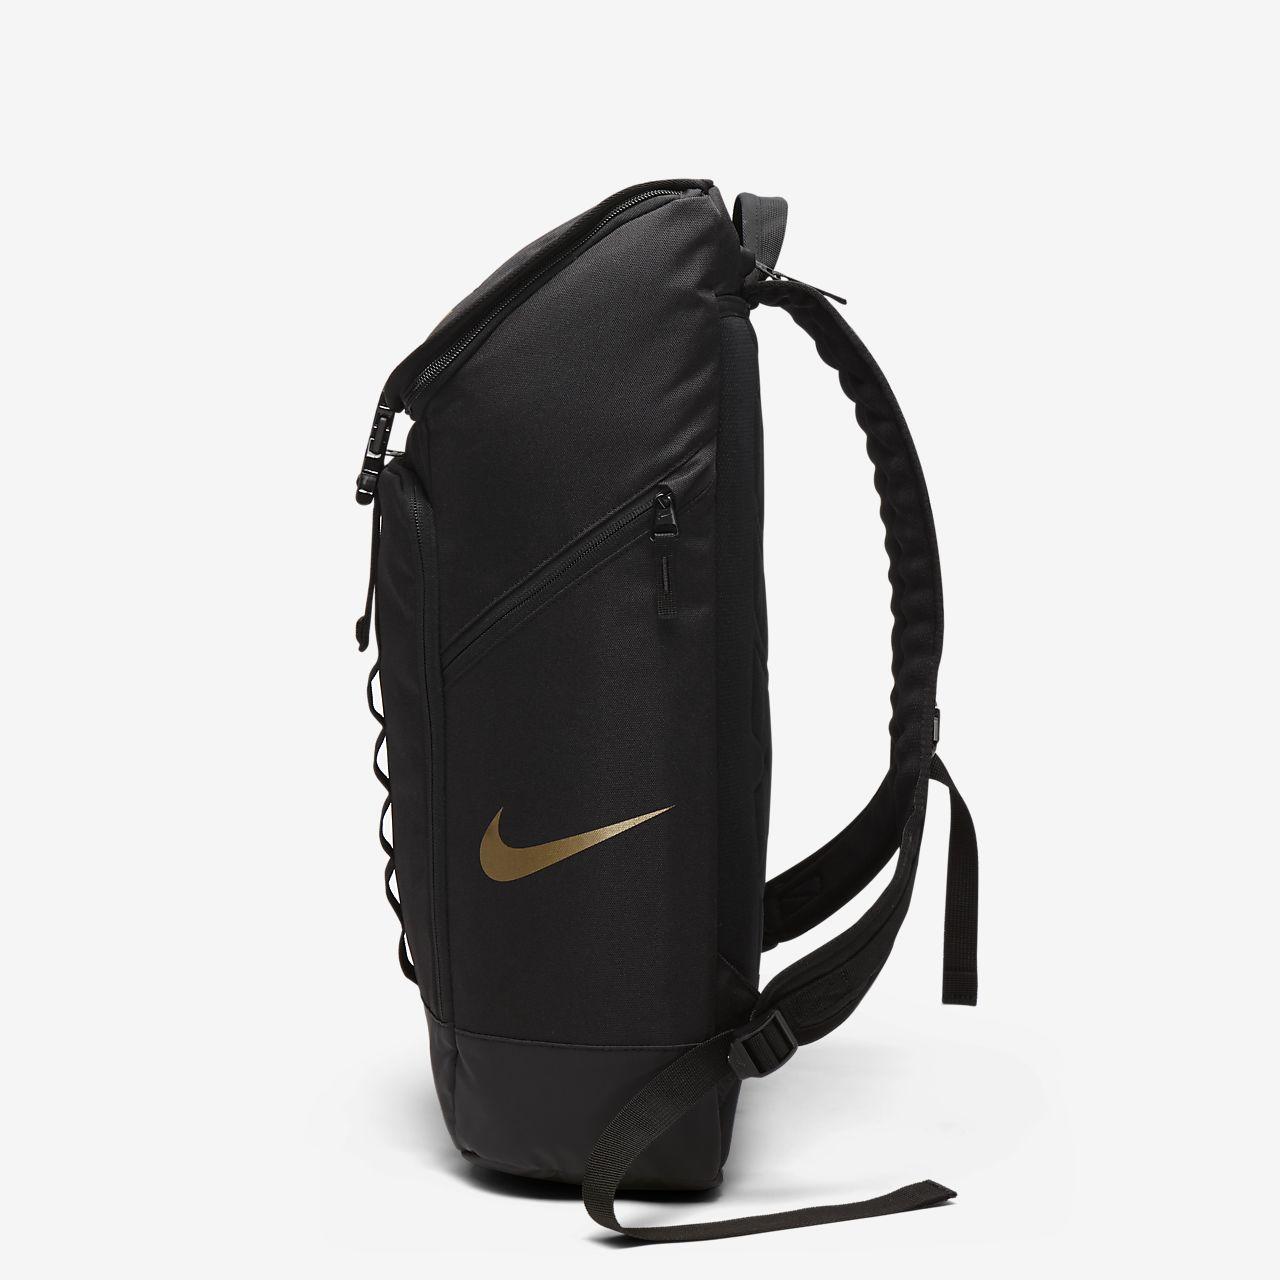 e066d089fe Nike LeBron Max Air Ambassador Backpack. Nike.com MY